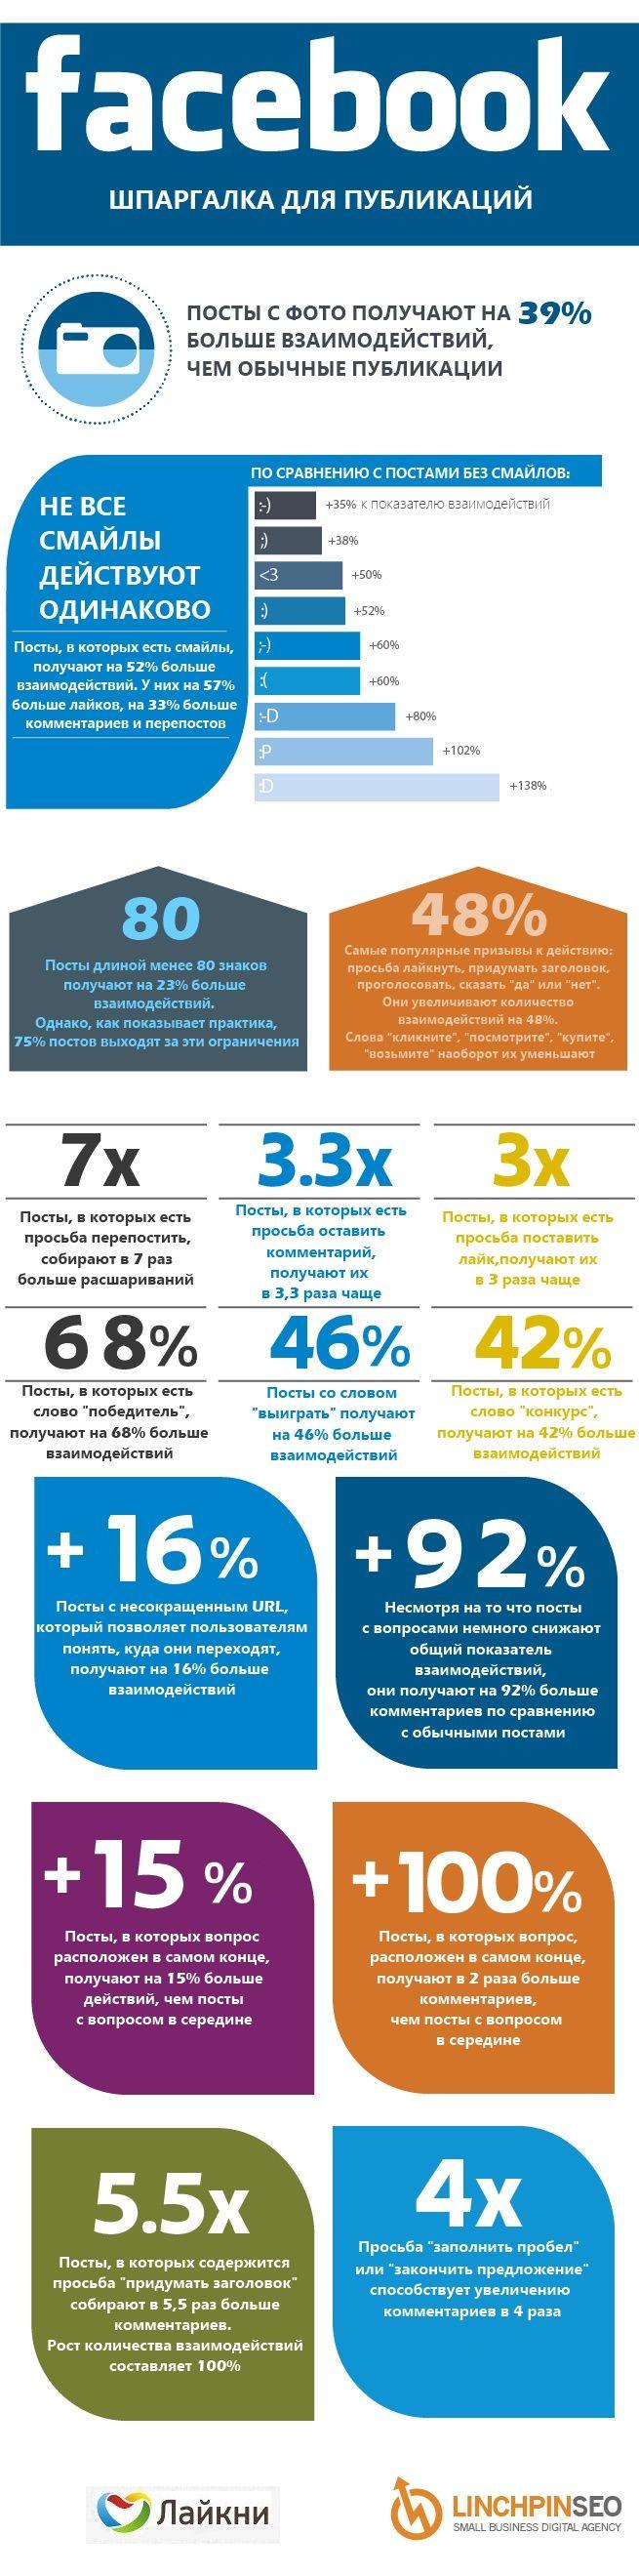 Сегодня эффективность размещаемого контента в Facebook зависит от большого числа факторов, в которых легко заблудиться. Следующая инфографика рассказывает о хитростях и нюансах успешных публикаций. Настоятельно рекомендуем!